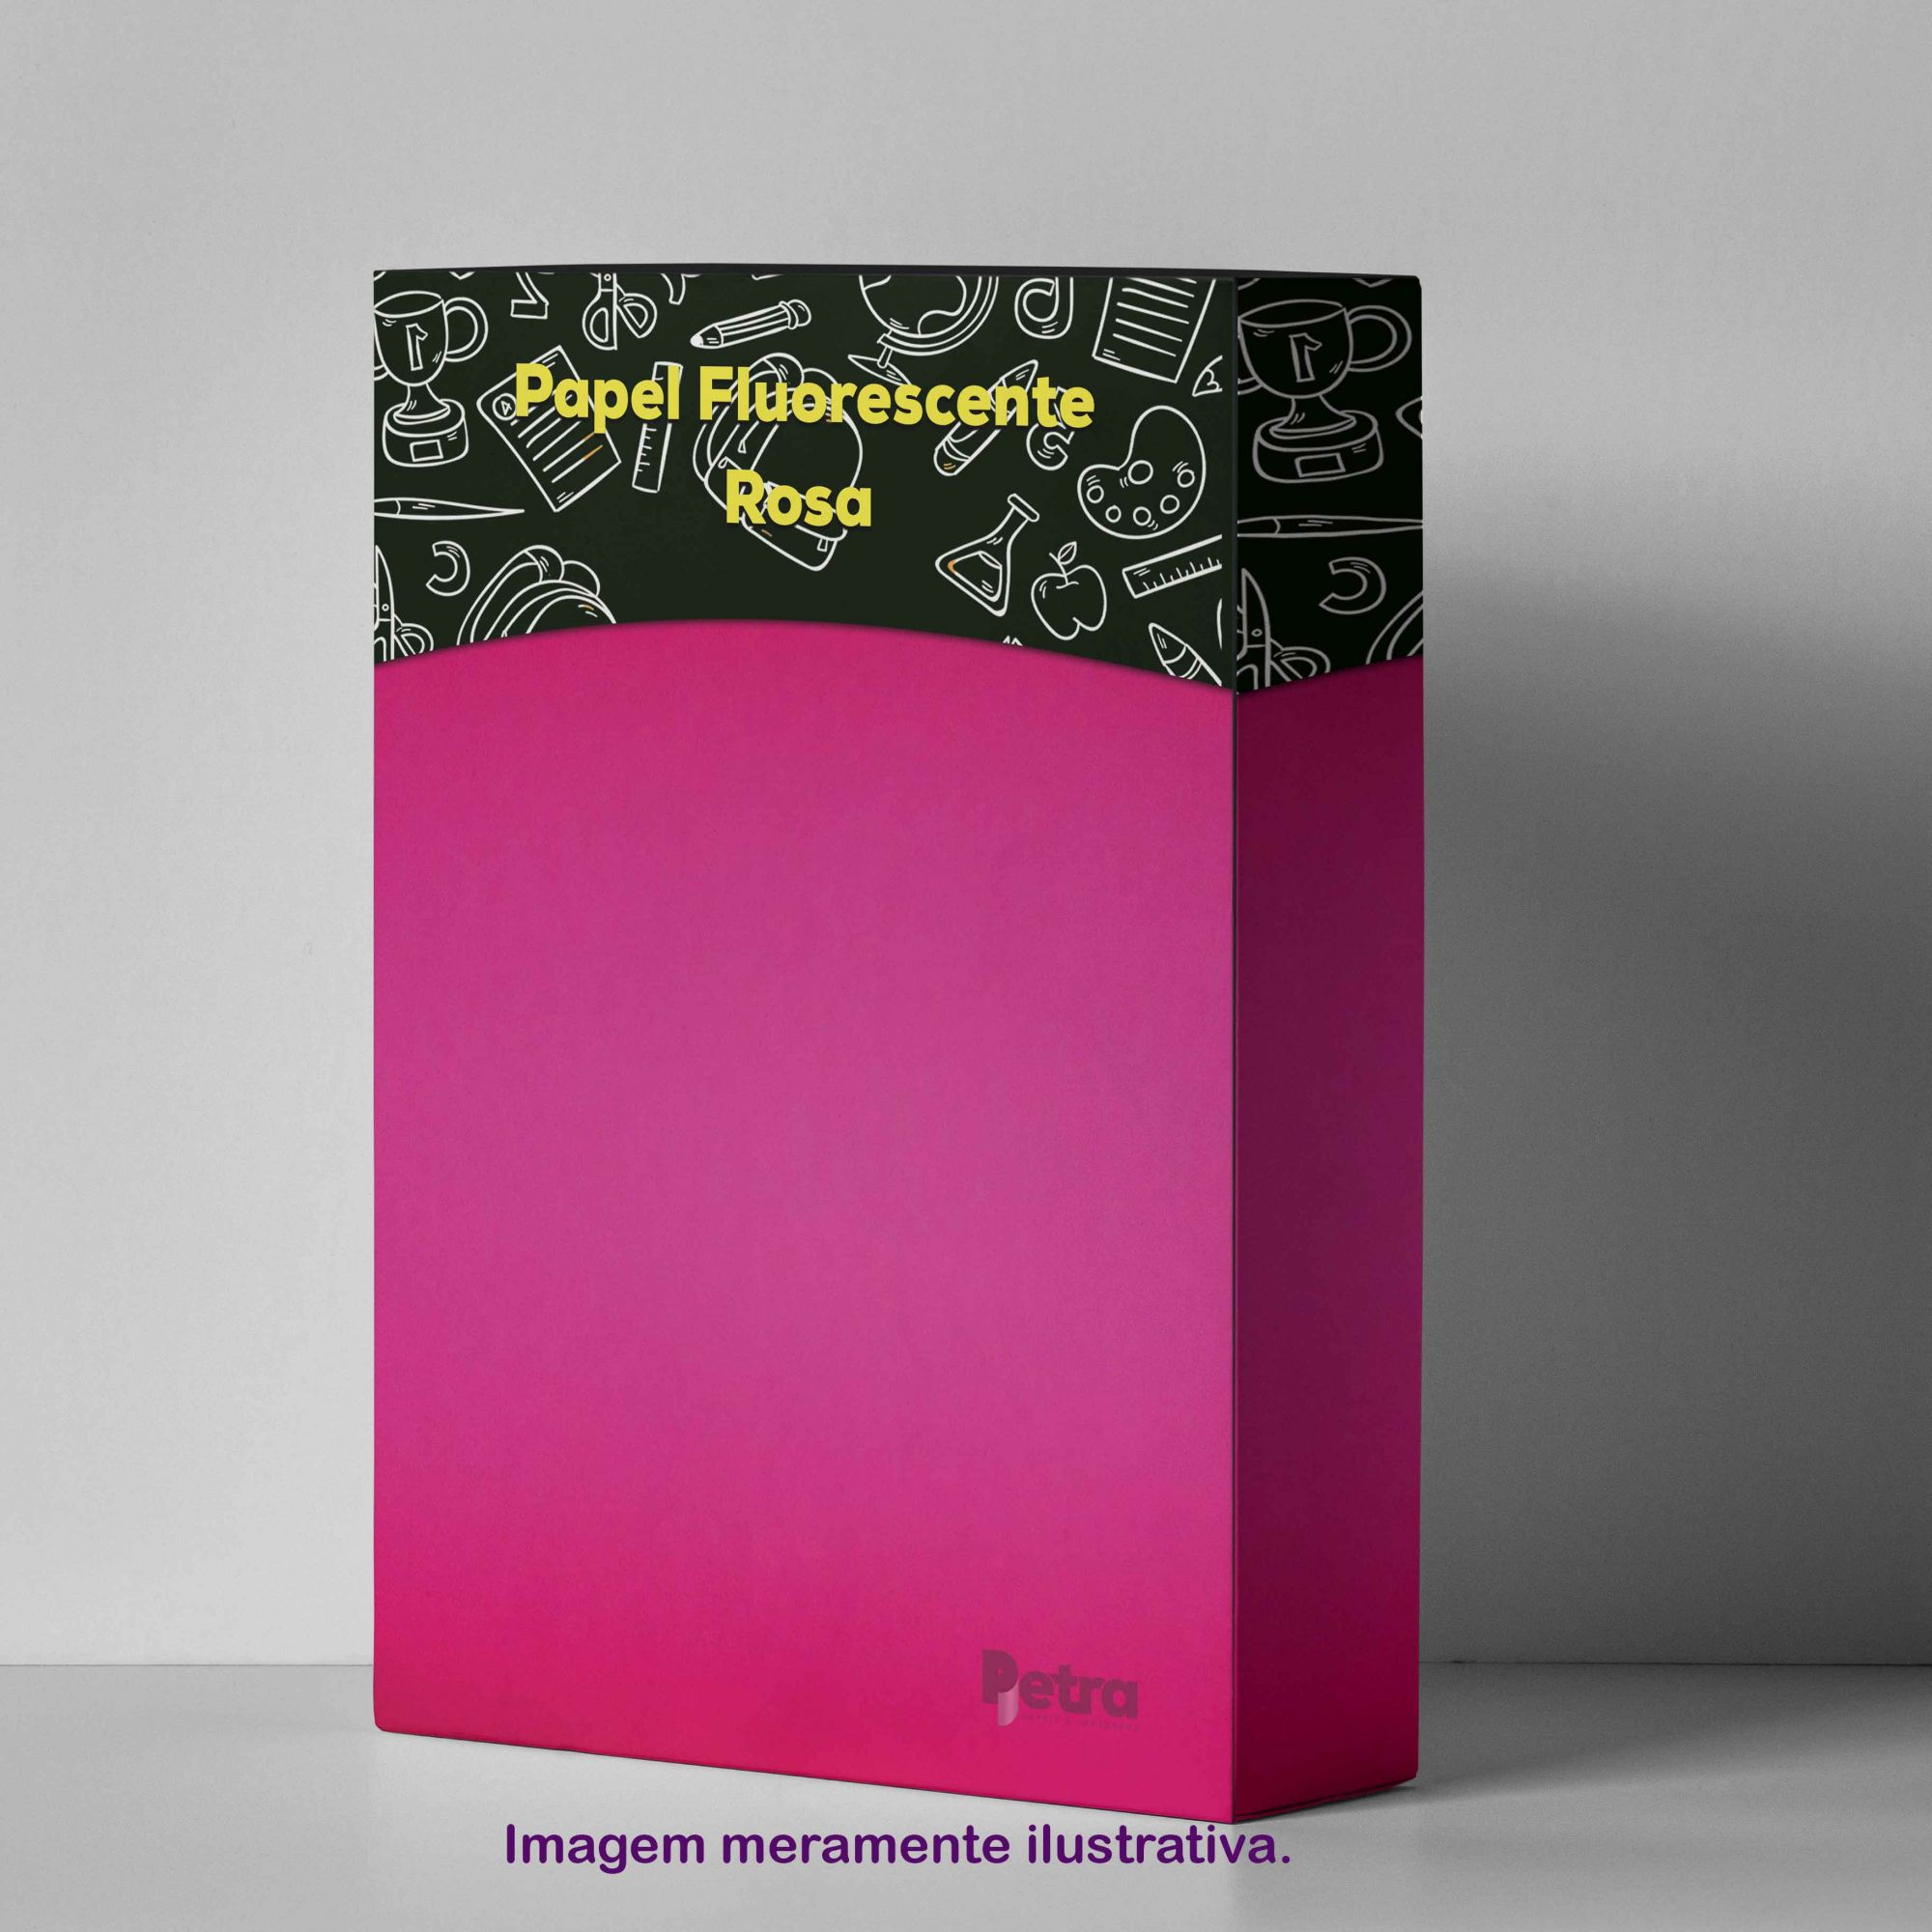 Papel Fluorescente Lumicor Rosa Alegria Tam. A4 180g/m² - 20 Folhas